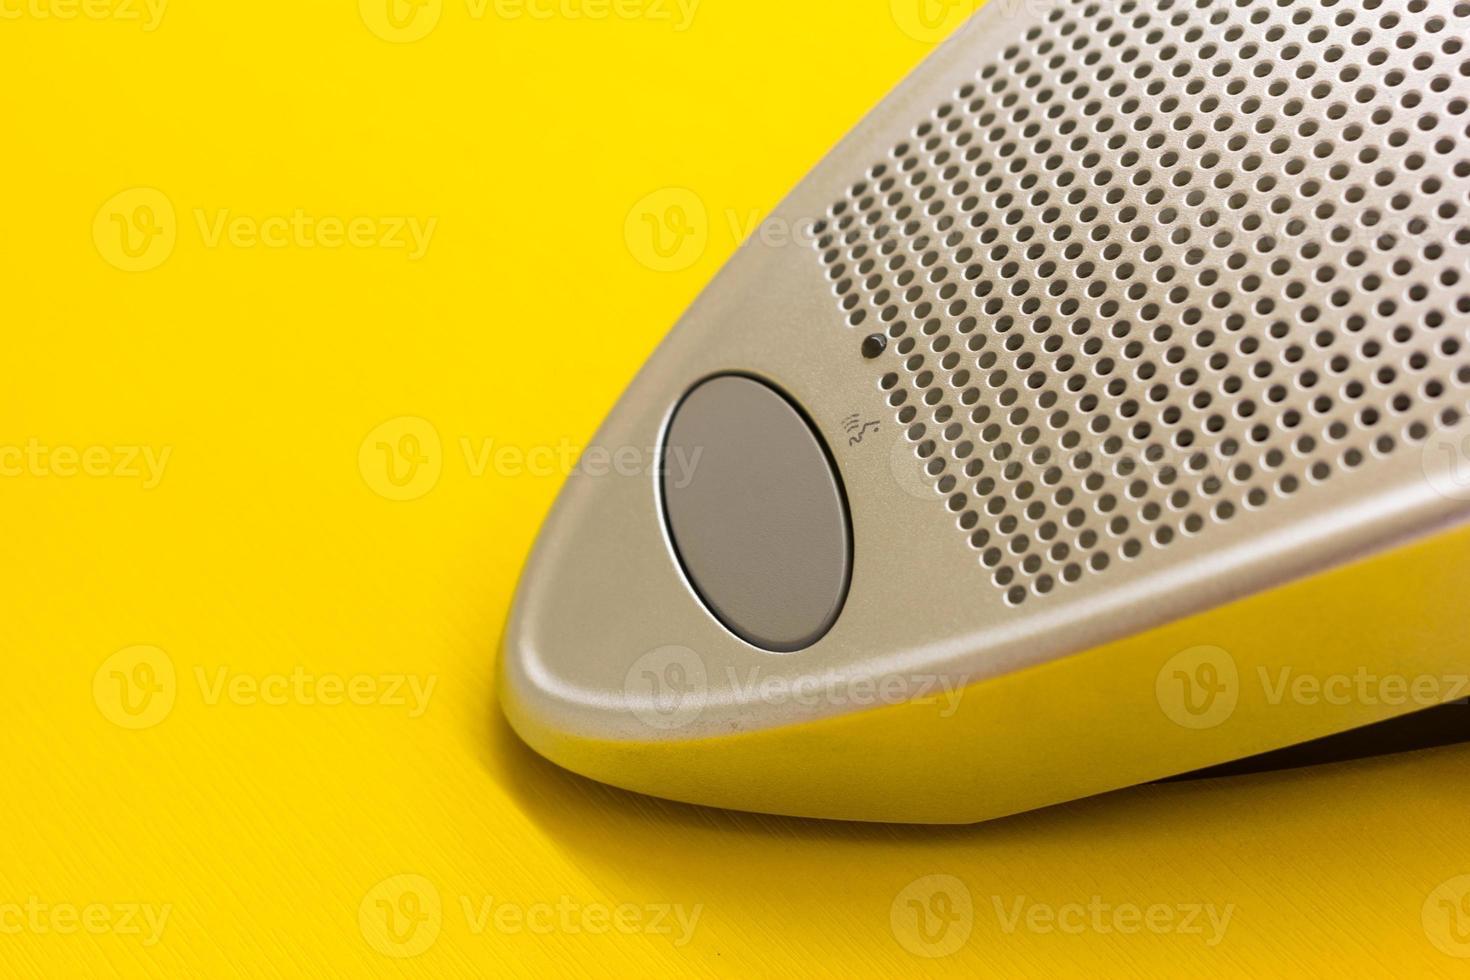 microfoon luidspreker knop op de gele tafel foto